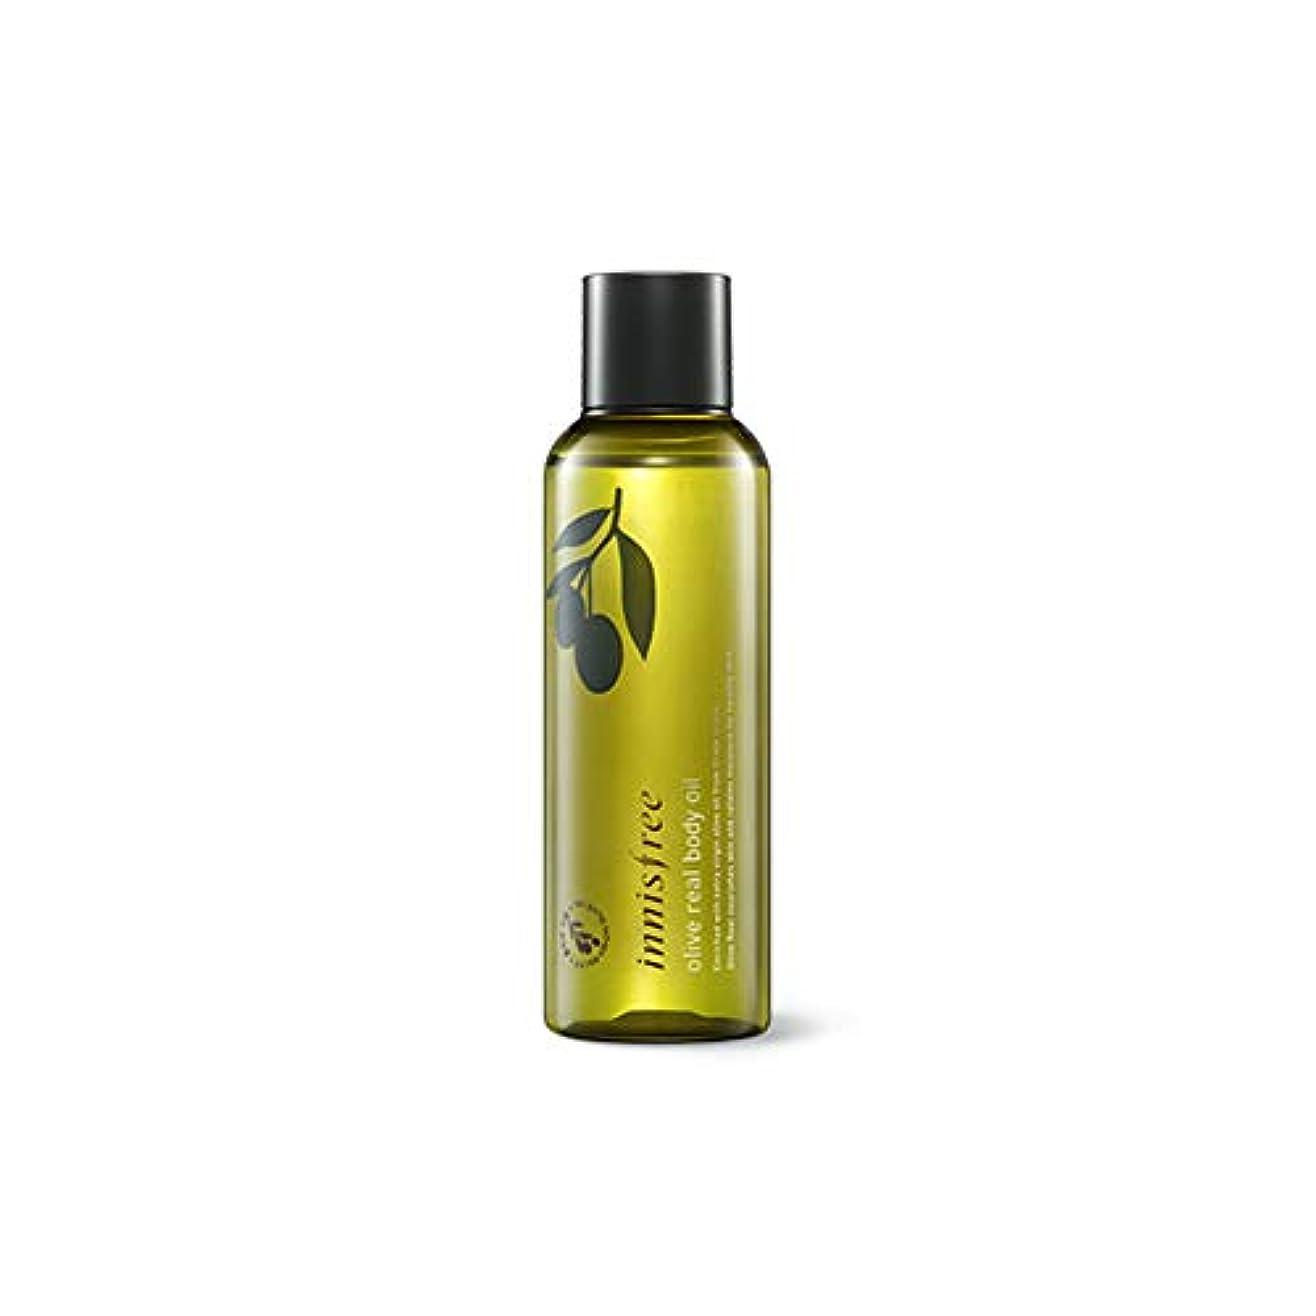 言う動詞しないイニスフリー Innisfree オリーブリアルボディーオイル(150ml) Innisfree Olive Real Body Oil(150ml) [海外直送品]